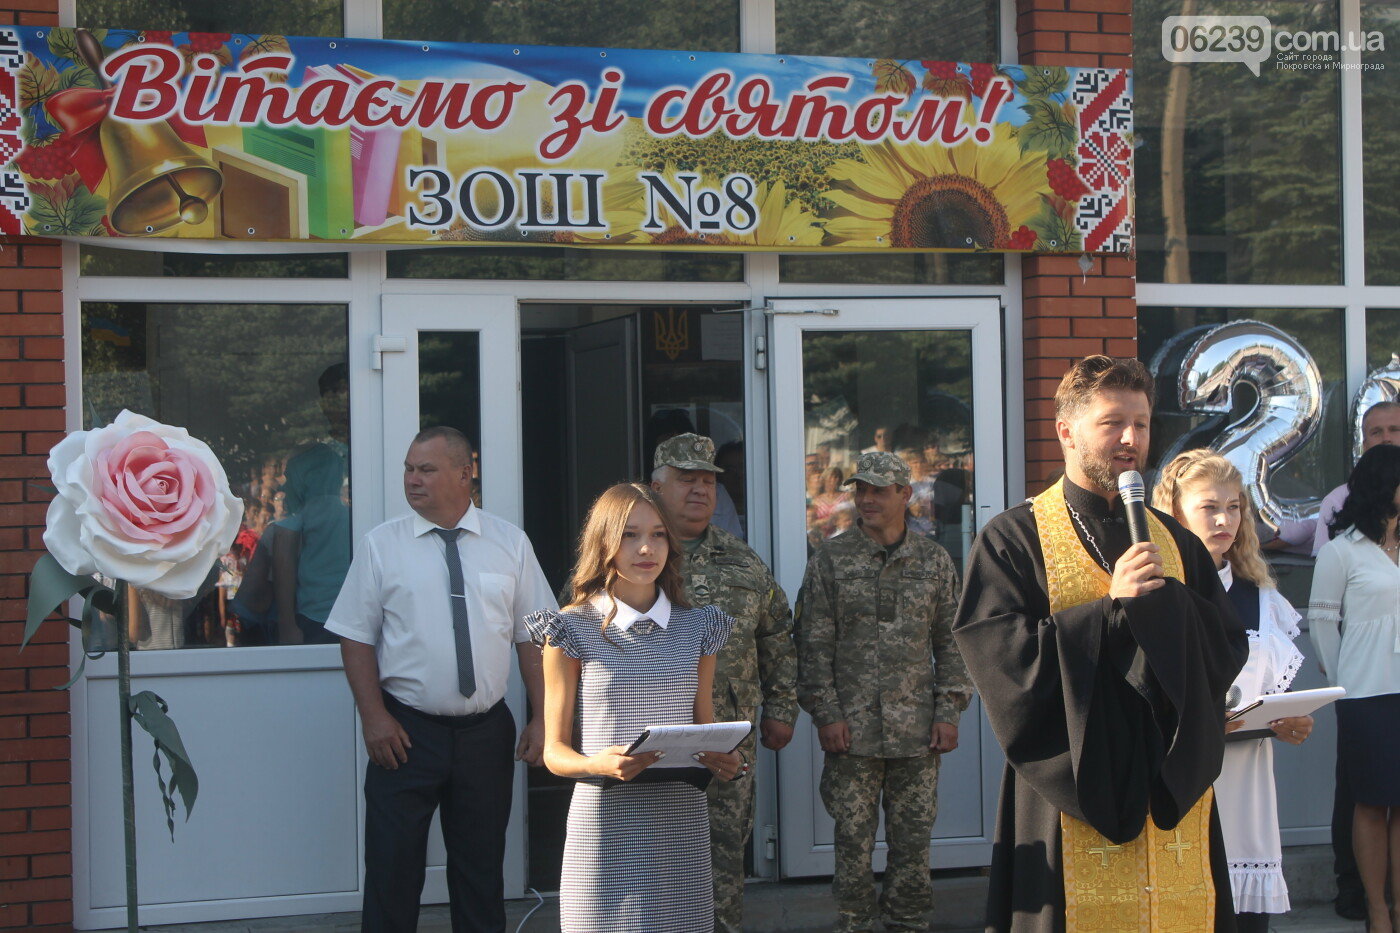 Праздник Первого звонка состоялся во всех учебных заведениях Родинского, фото-32